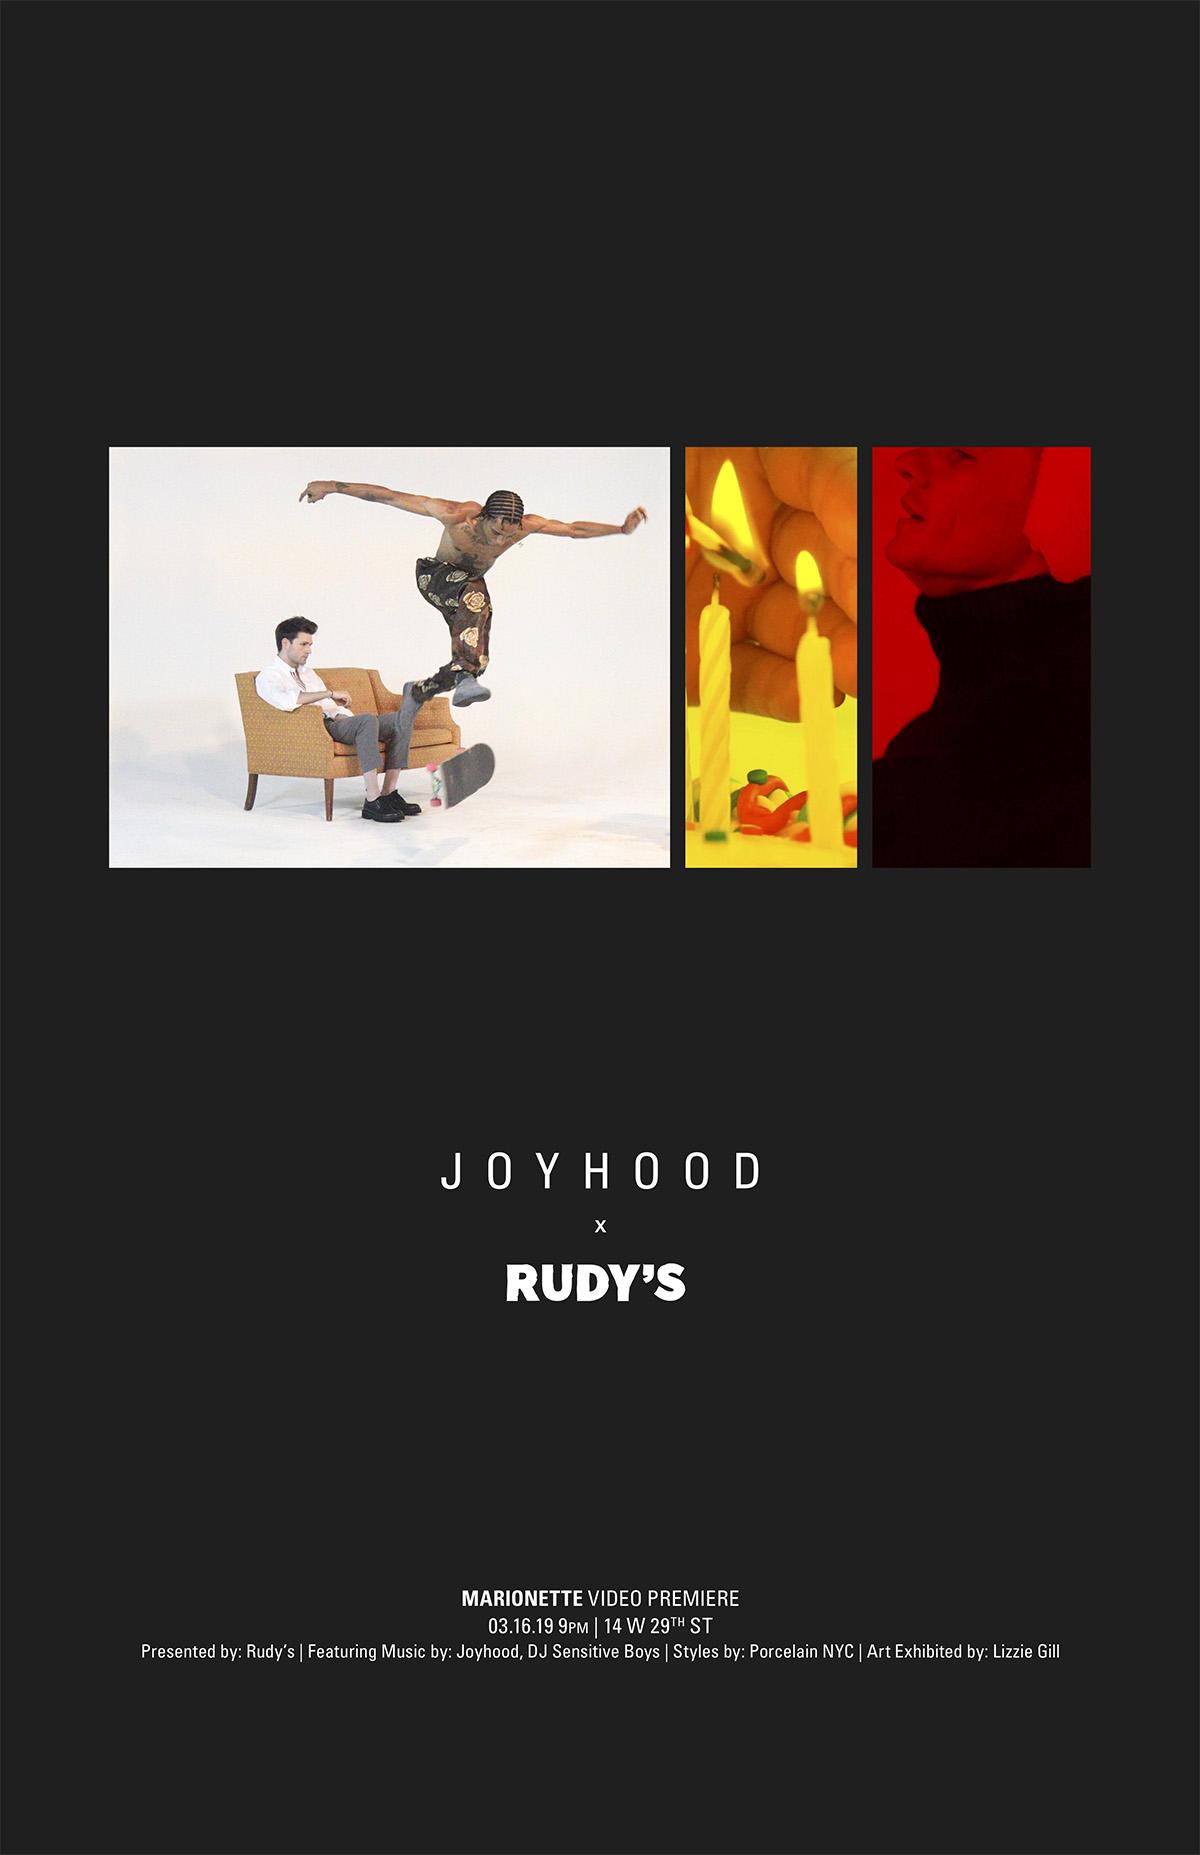 joyhood, rudy's, show, marionette